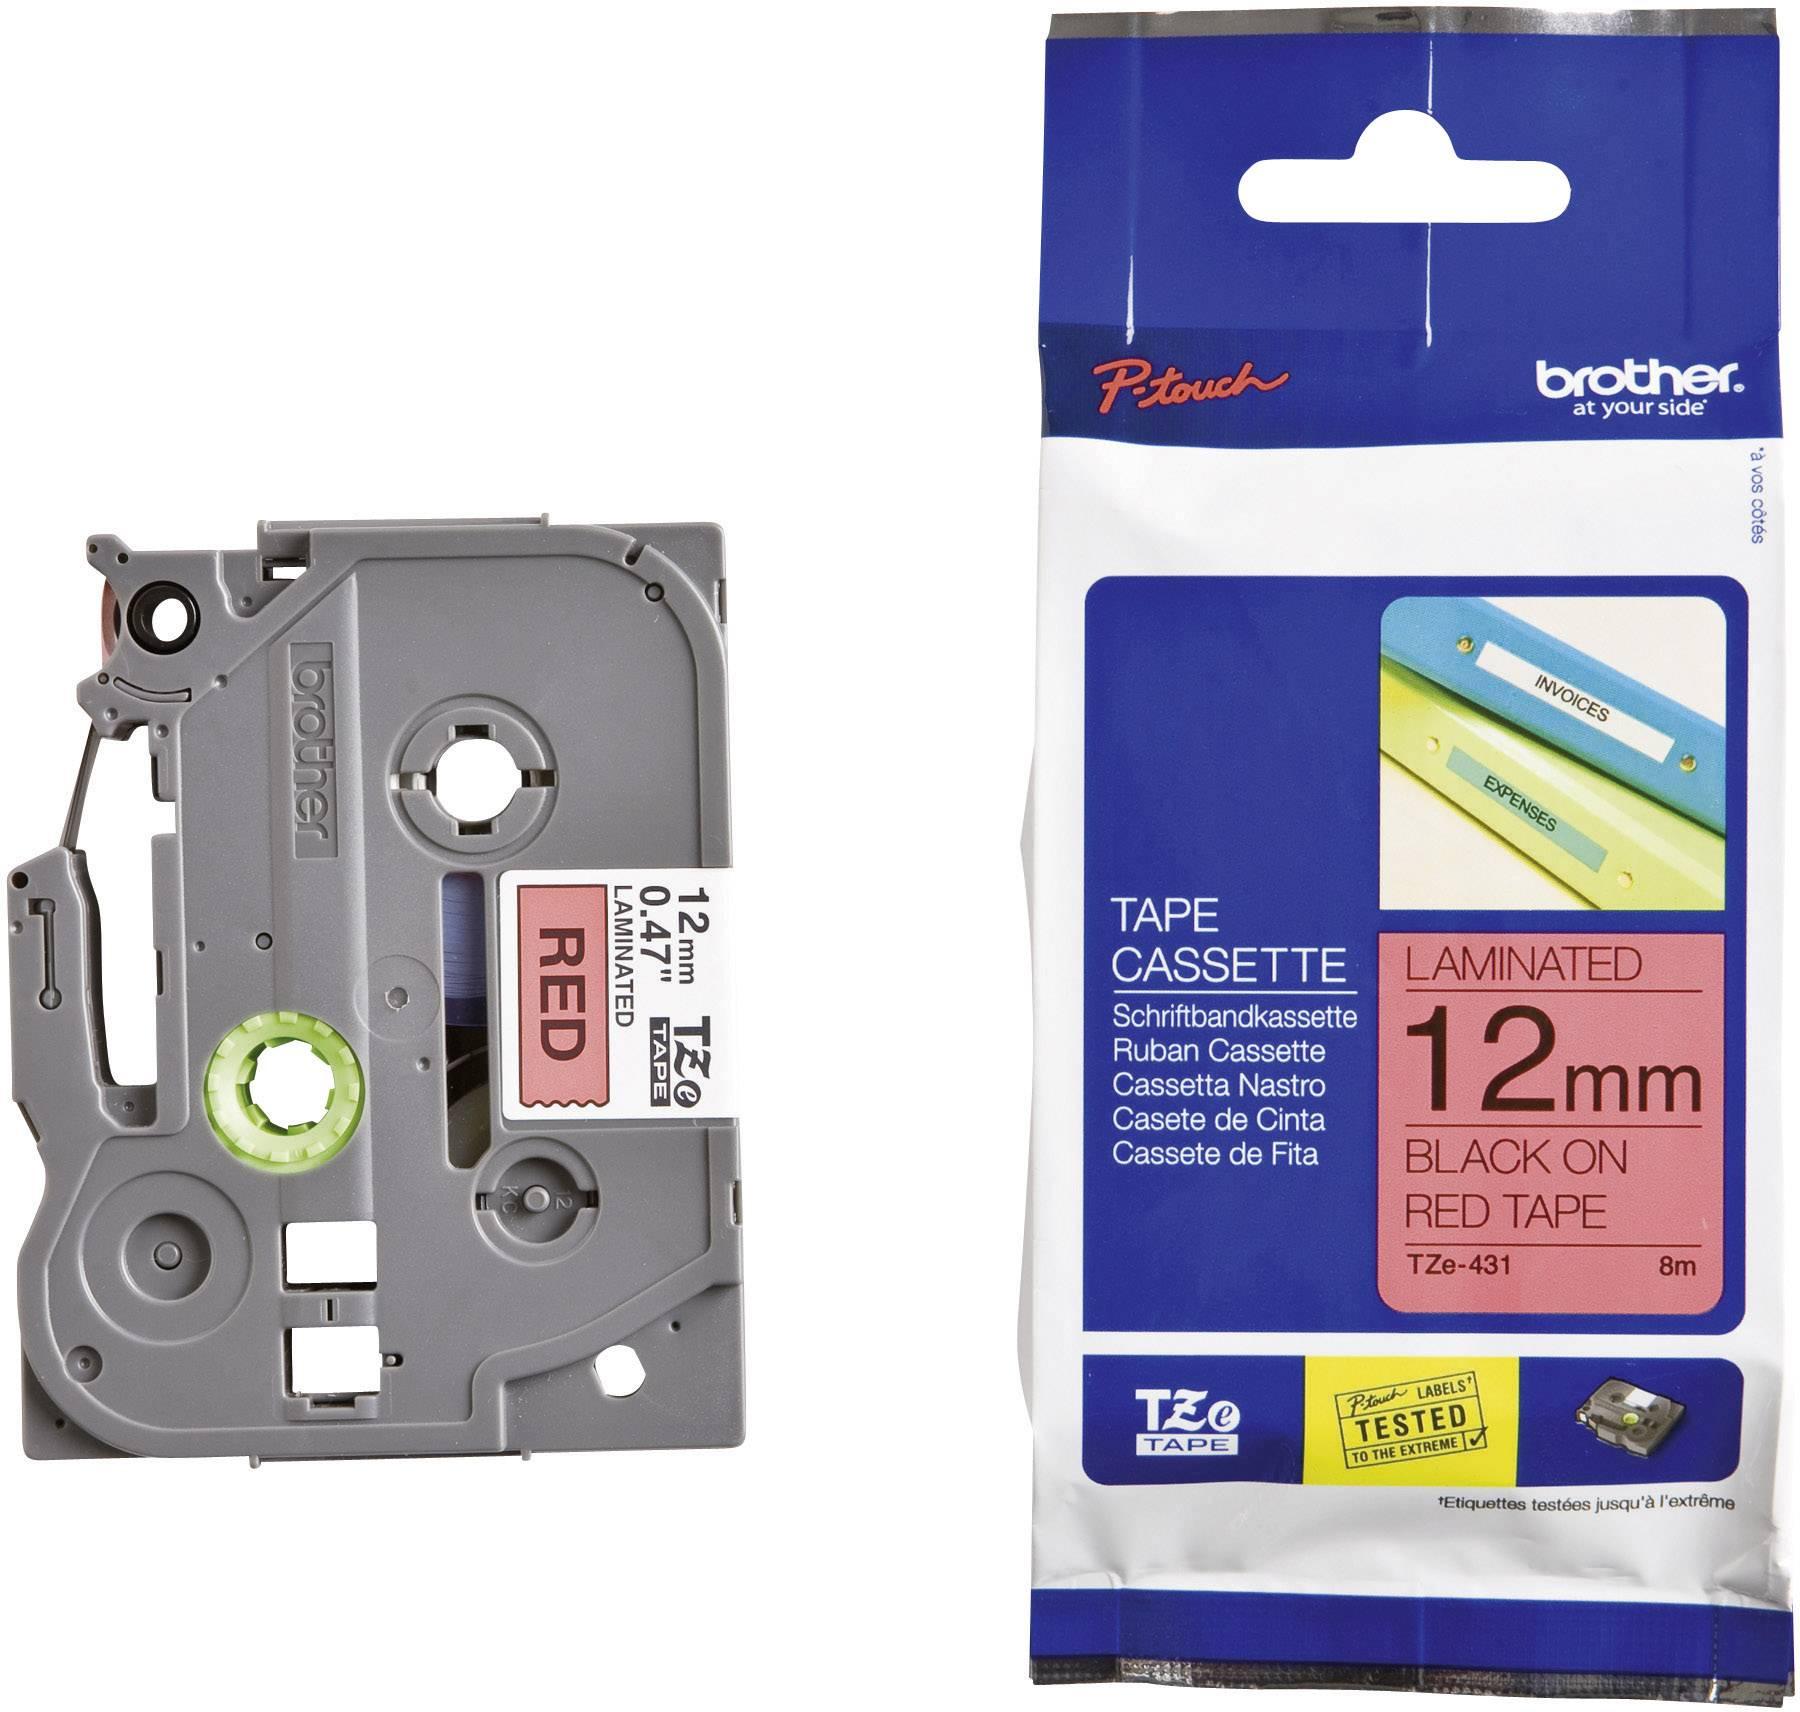 Páska do štítkovače Brother TZ-431, 12 mm, TZe, TZ, 8 m, černá/červená